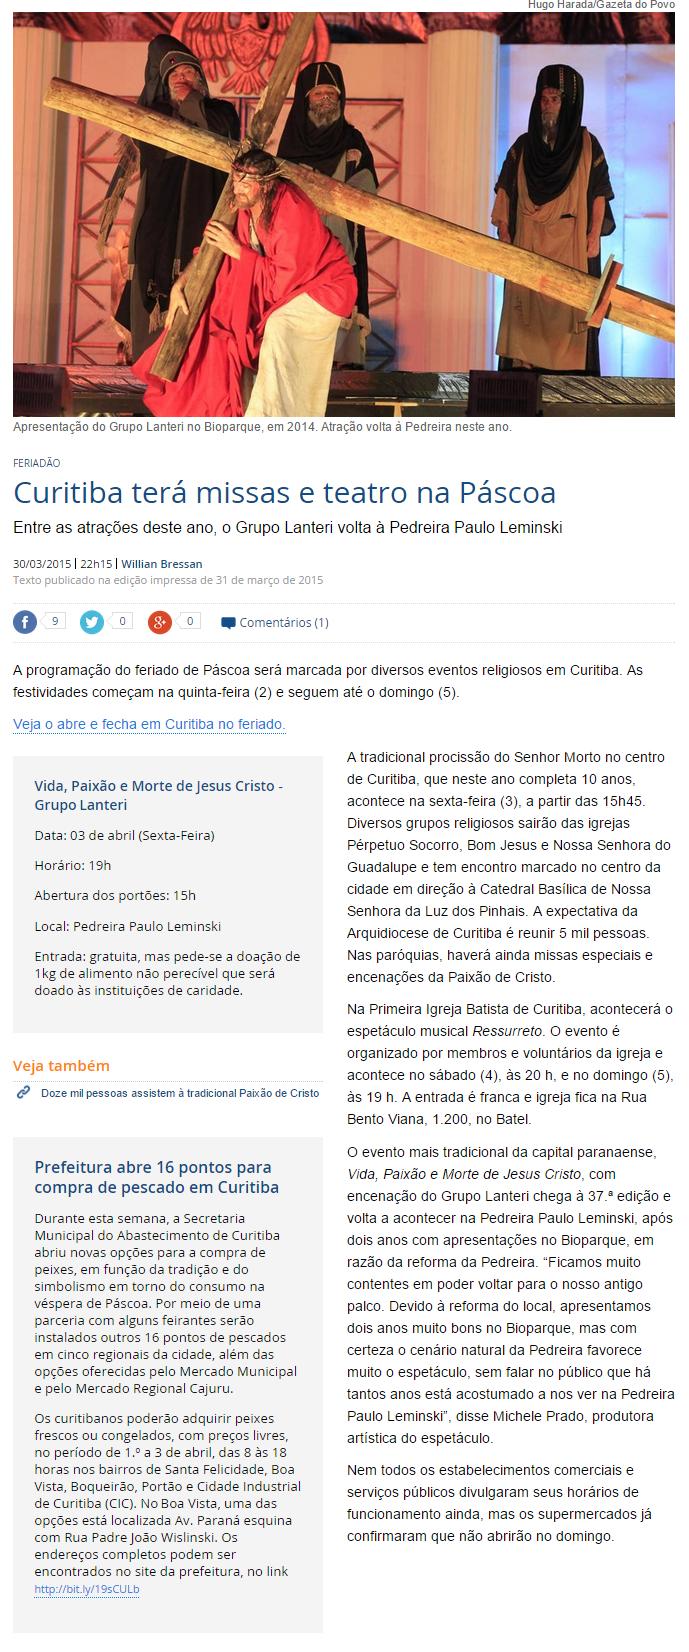 screencapture-www-gazetadopovo-com-br-vida-e-cidadania-curitiba-tera-missas-e-teatro-na-pascoa-2rrcoxb9hf7j4lh3b8lpqihlm